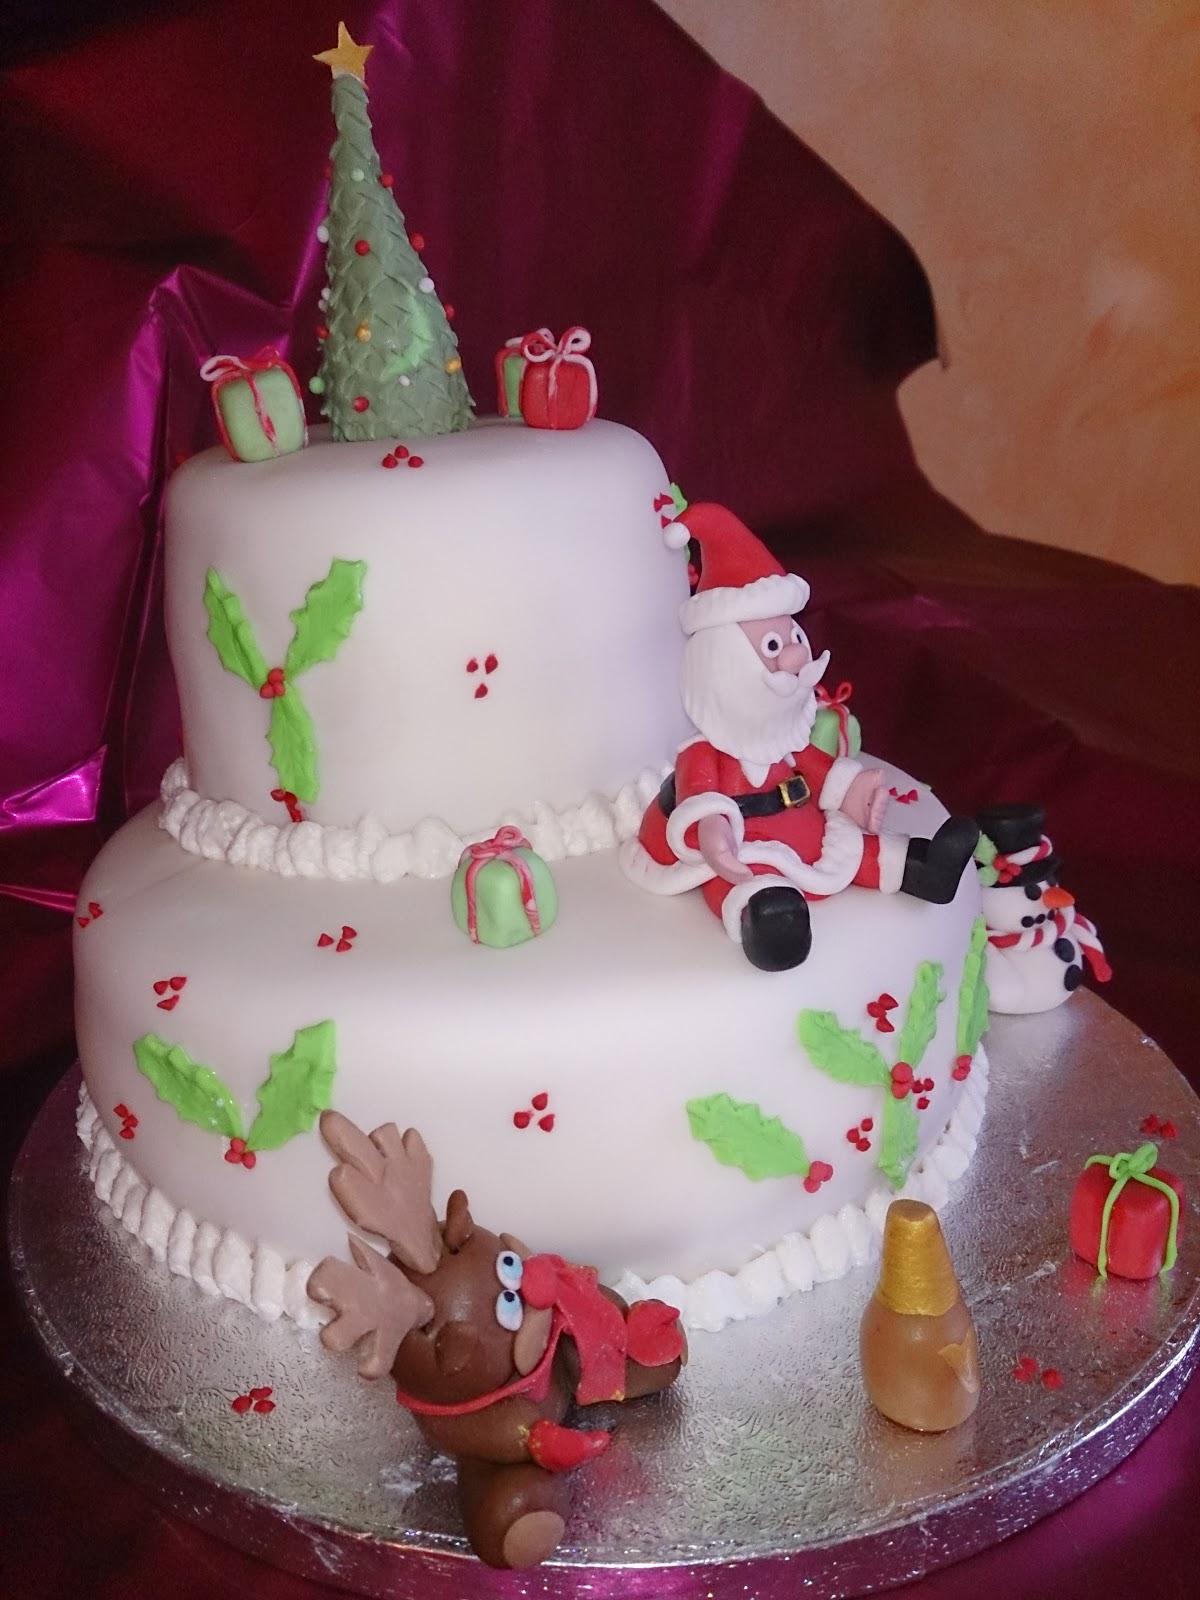 25 12 2013 torta di natale a due piani - Decorazioni torte natale ...